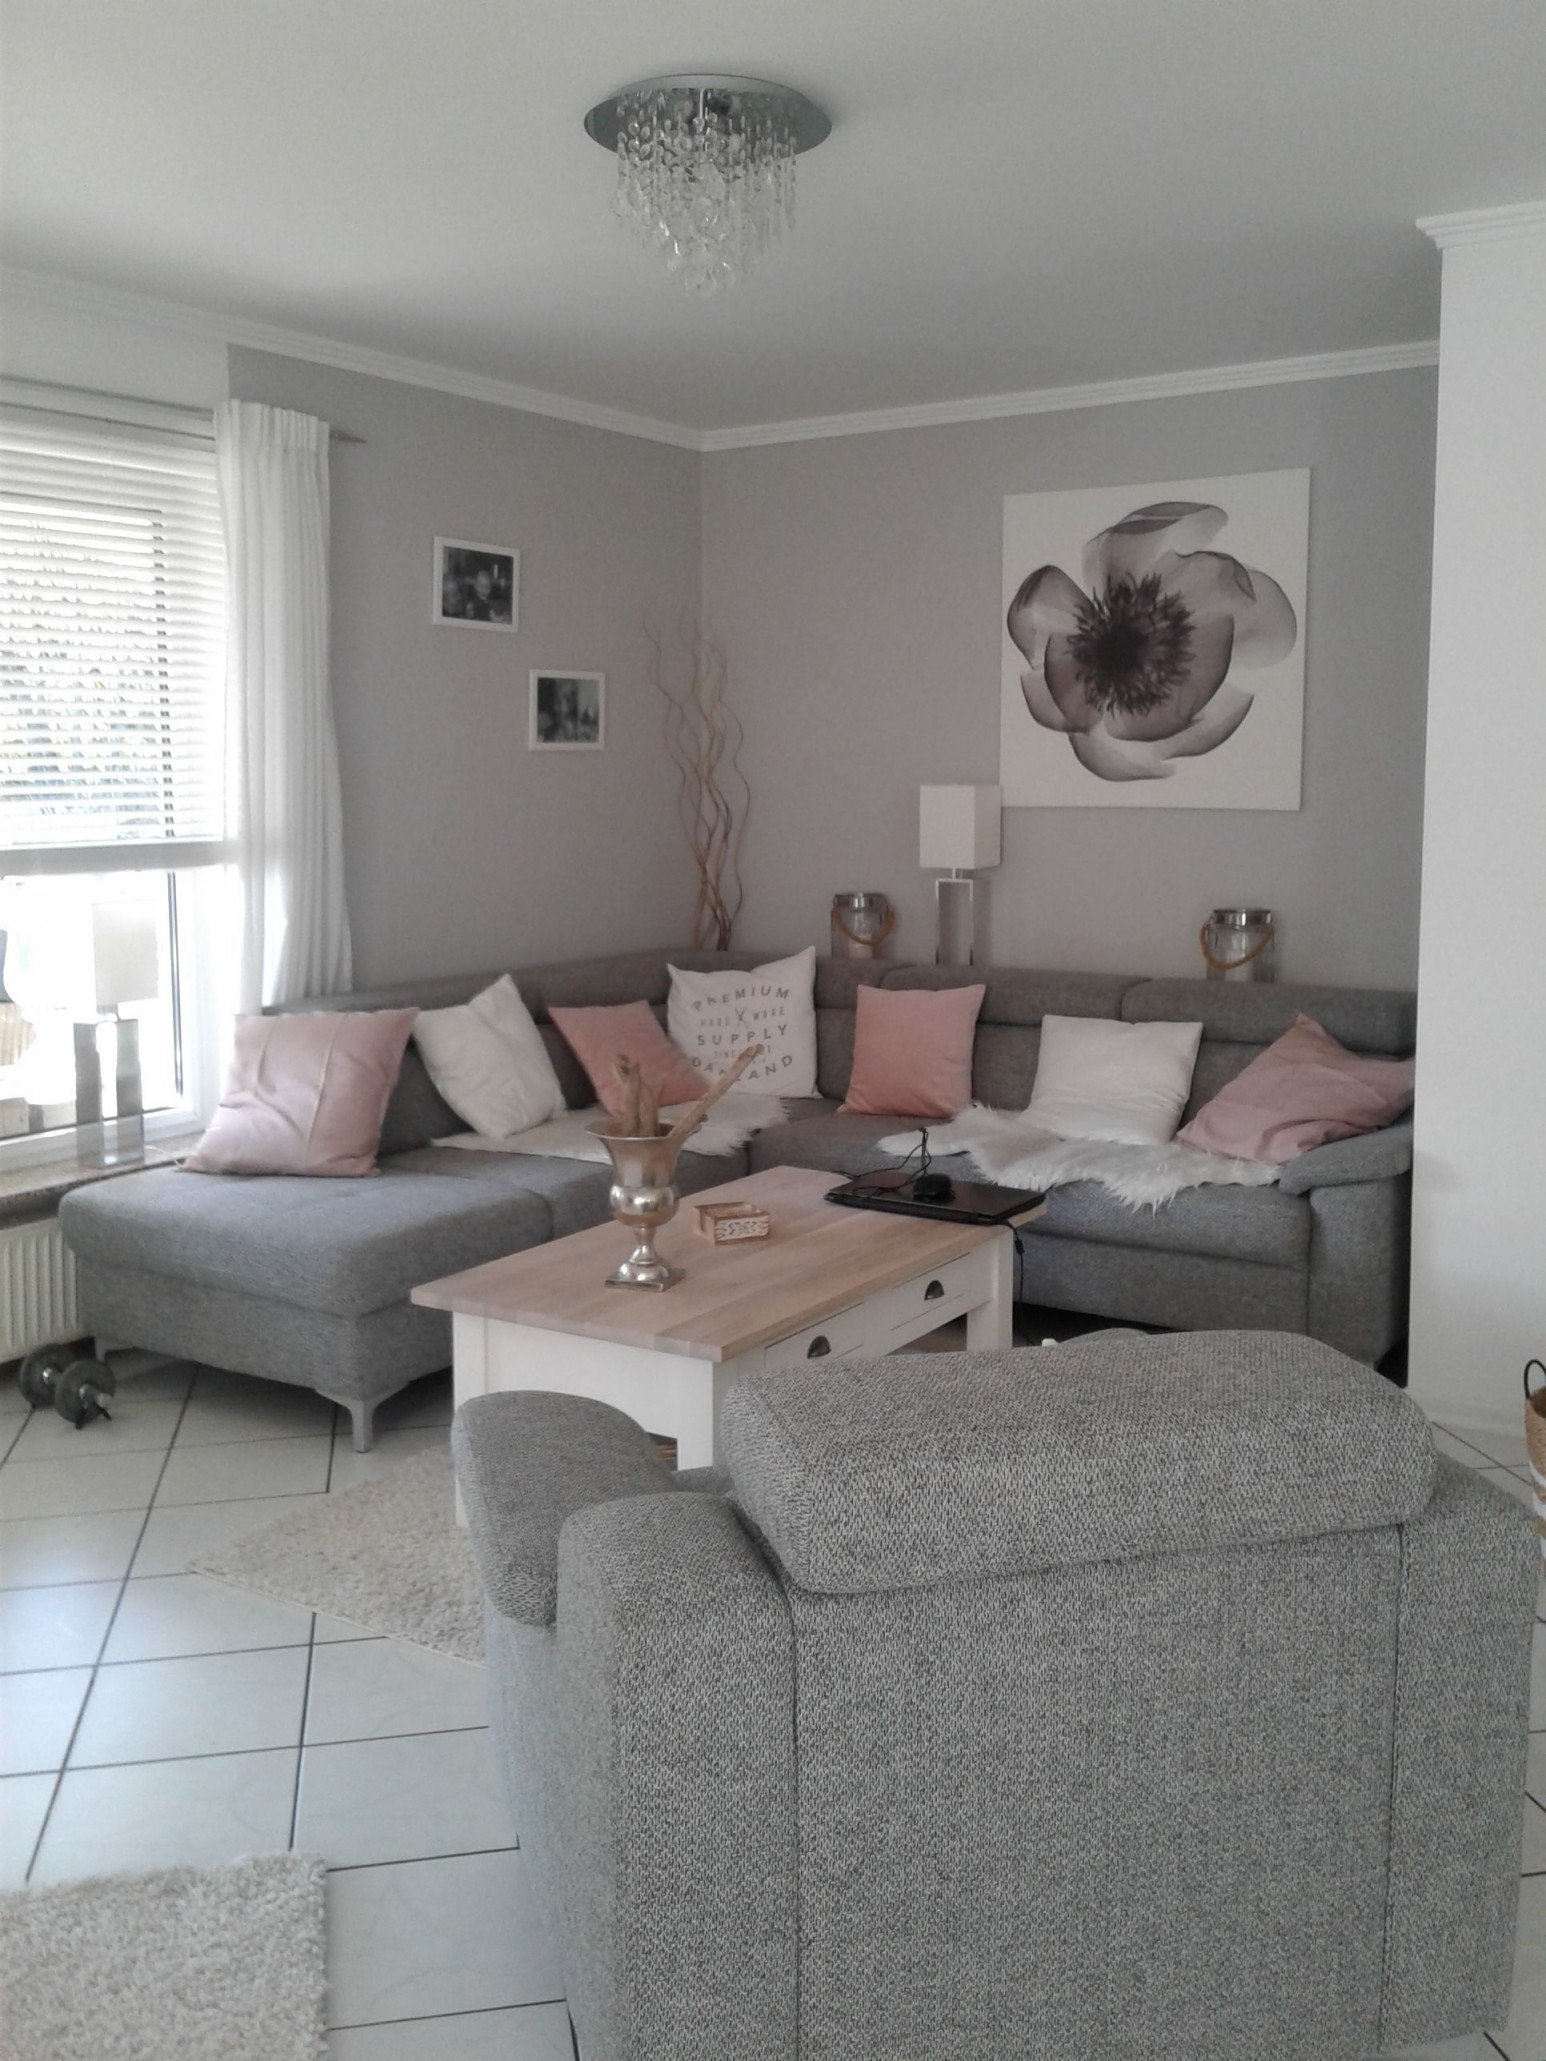 Wohnzimmer In Grau Weiß Und Farbtupfer In Matt Rosa von Deko Rosa Wohnzimmer Bild